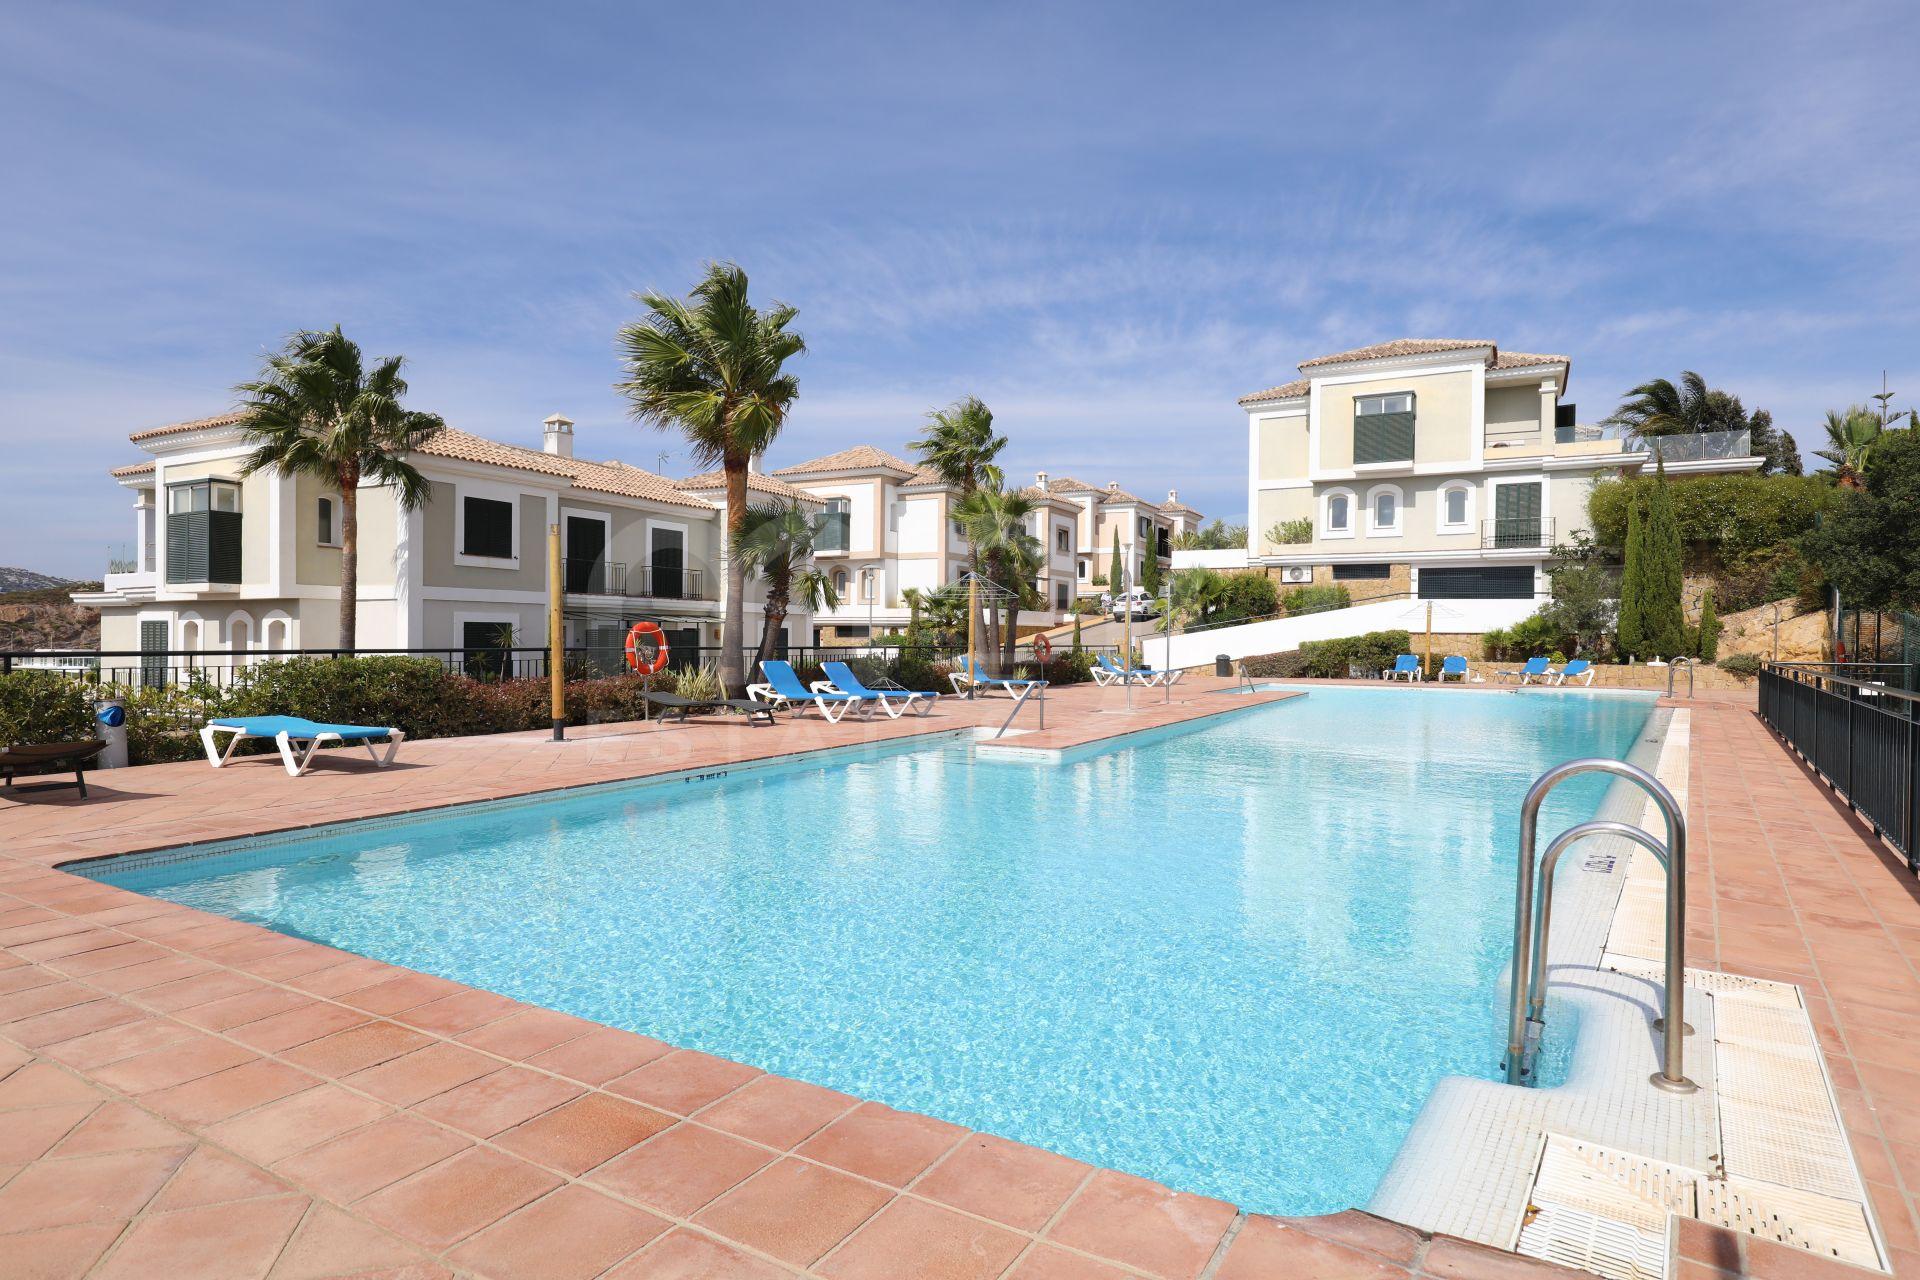 3 bedroom Luxury apartment in La Herencia Dona Julia Golf area, Casares